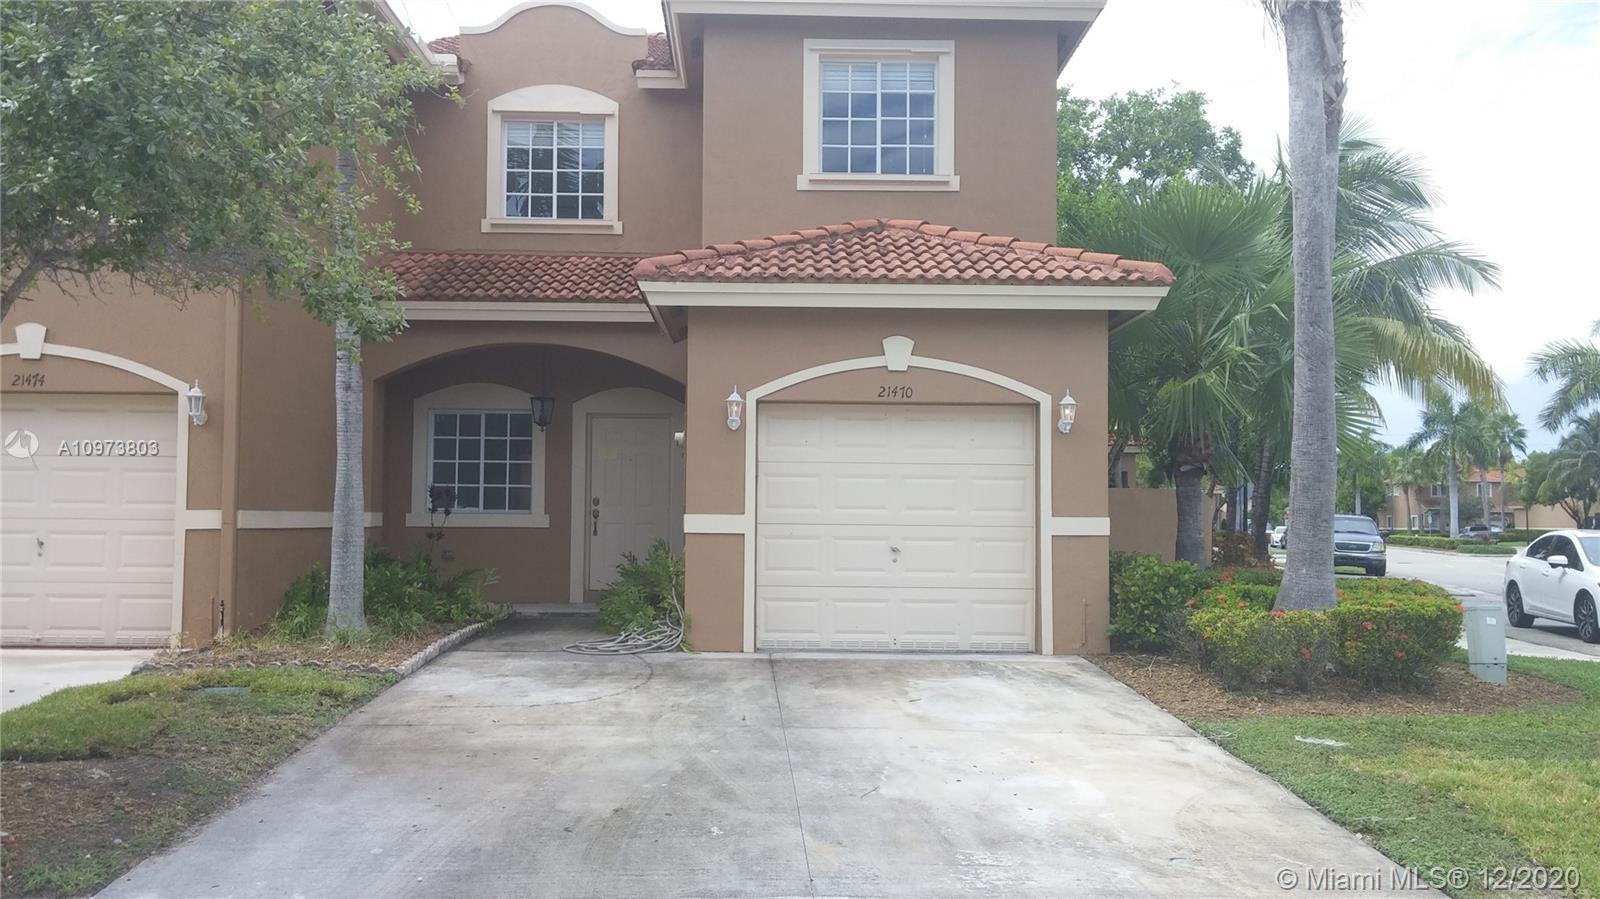 21470 SW 85th Path, Cutler Bay, Florida 33189